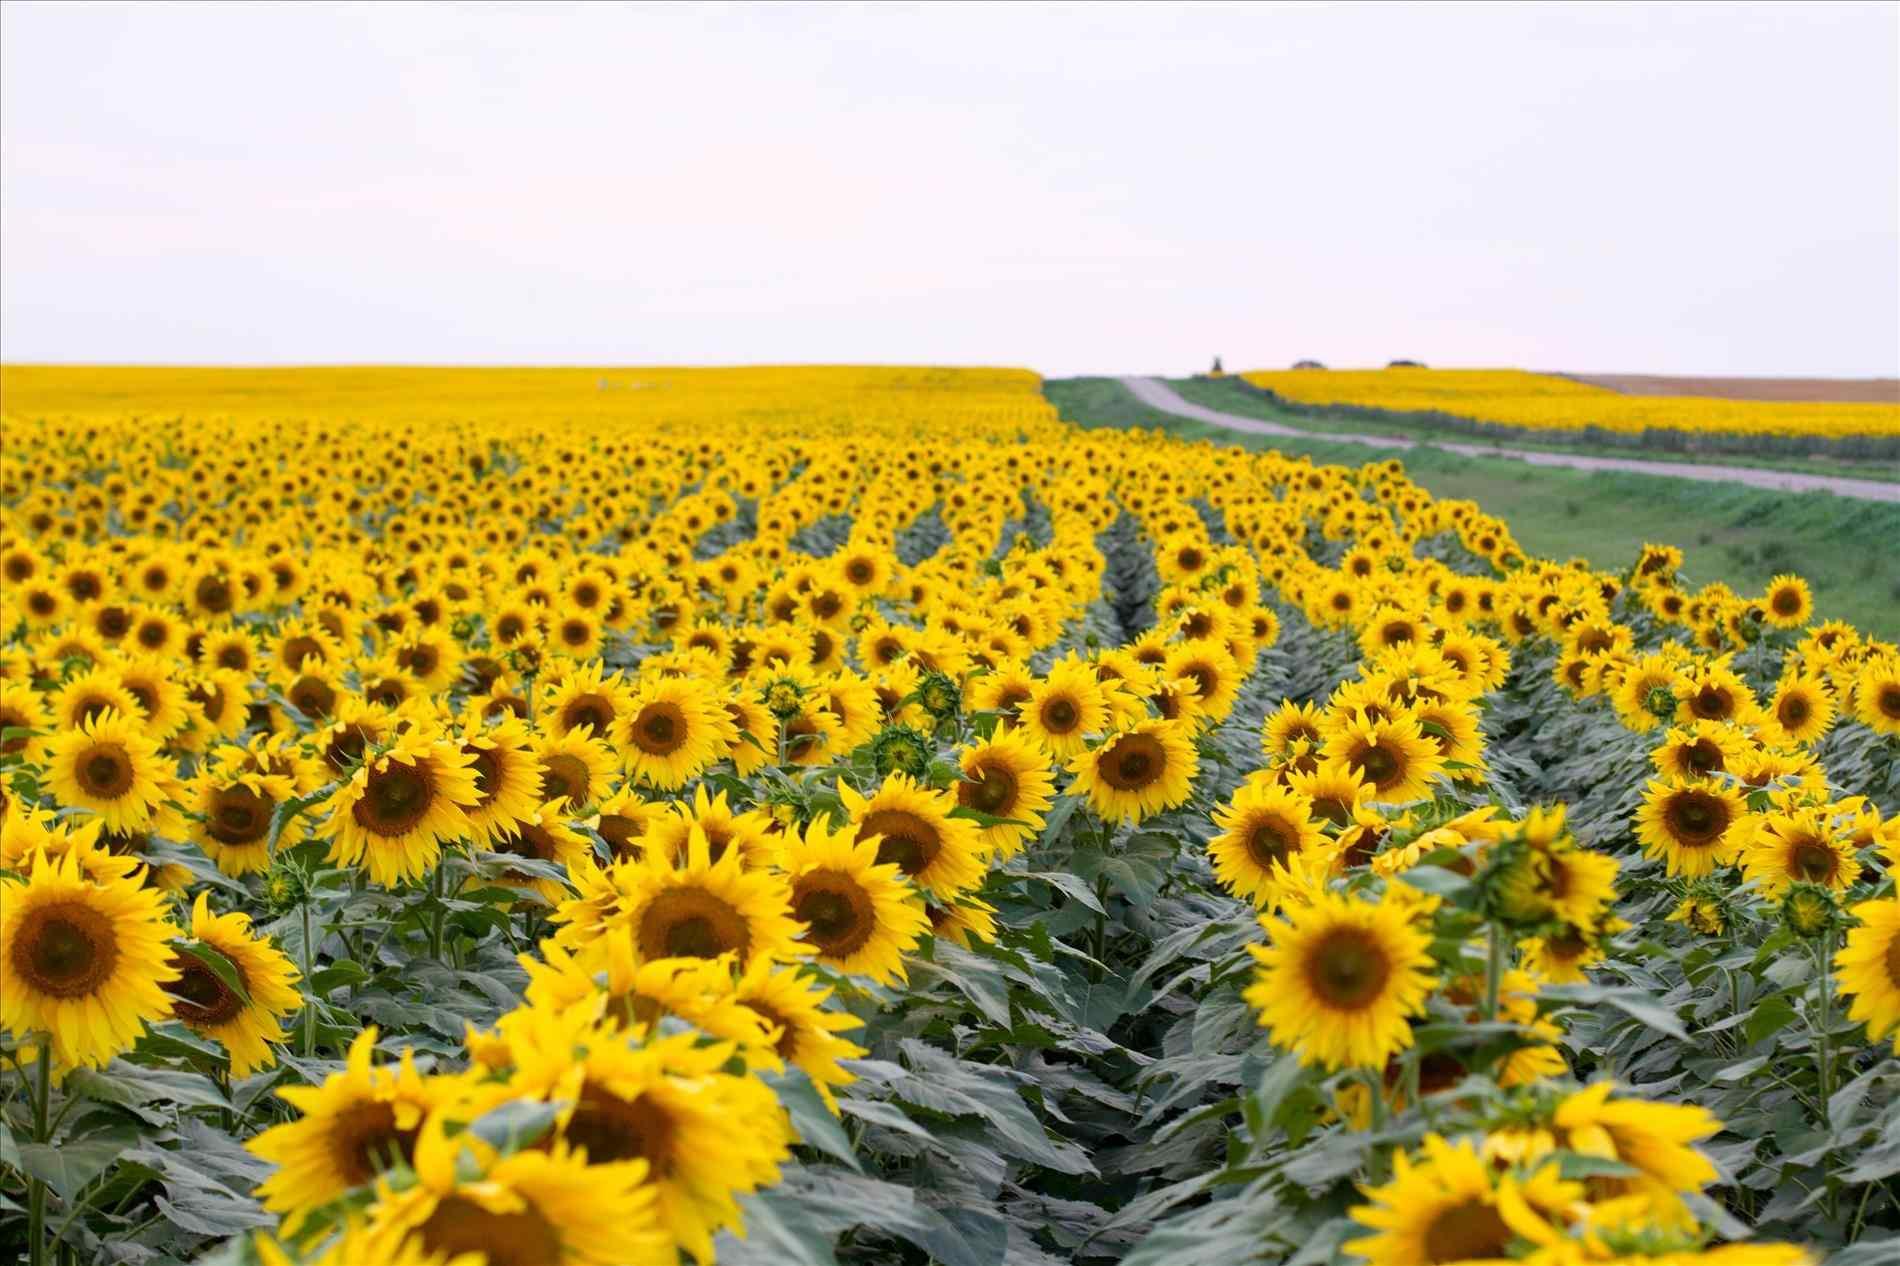 sunflower desktop wallpaper free